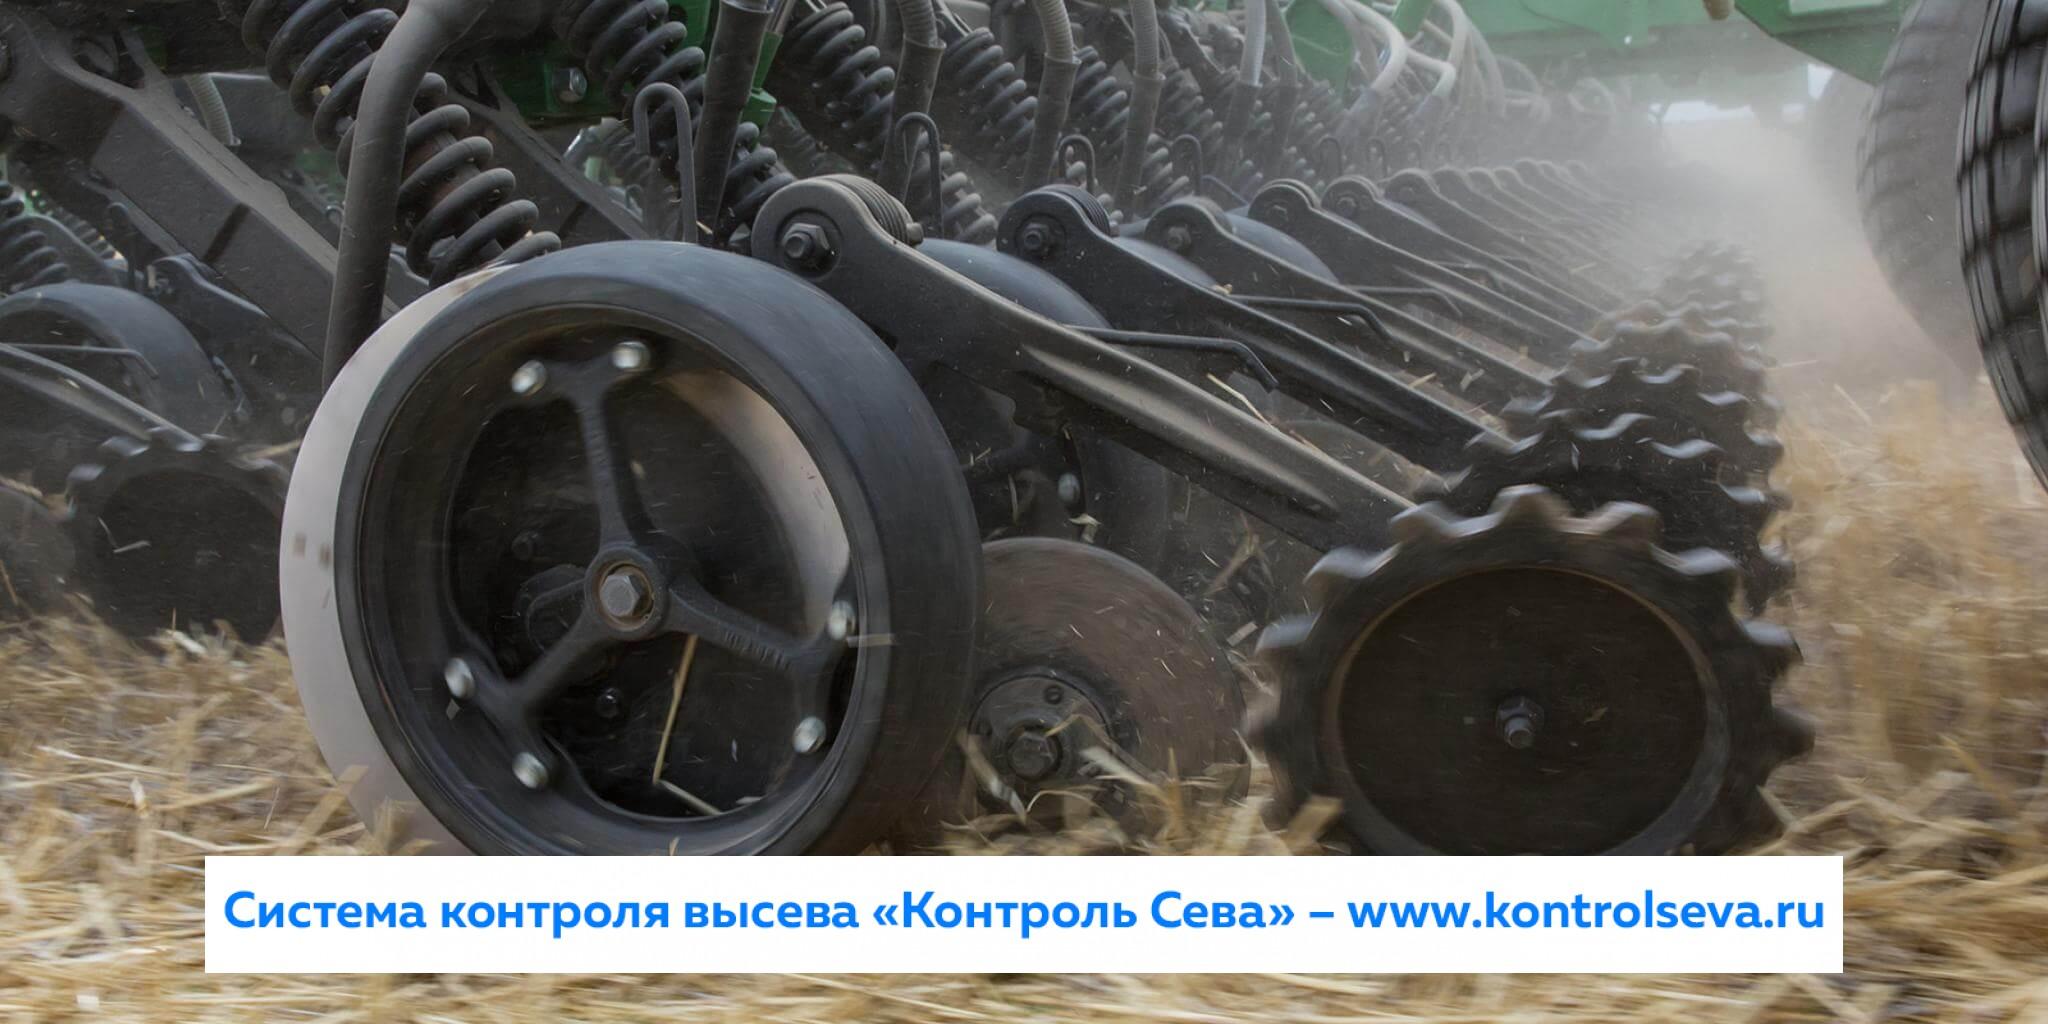 """Система контроля высева """"Контроль сева"""" г. Бийск"""